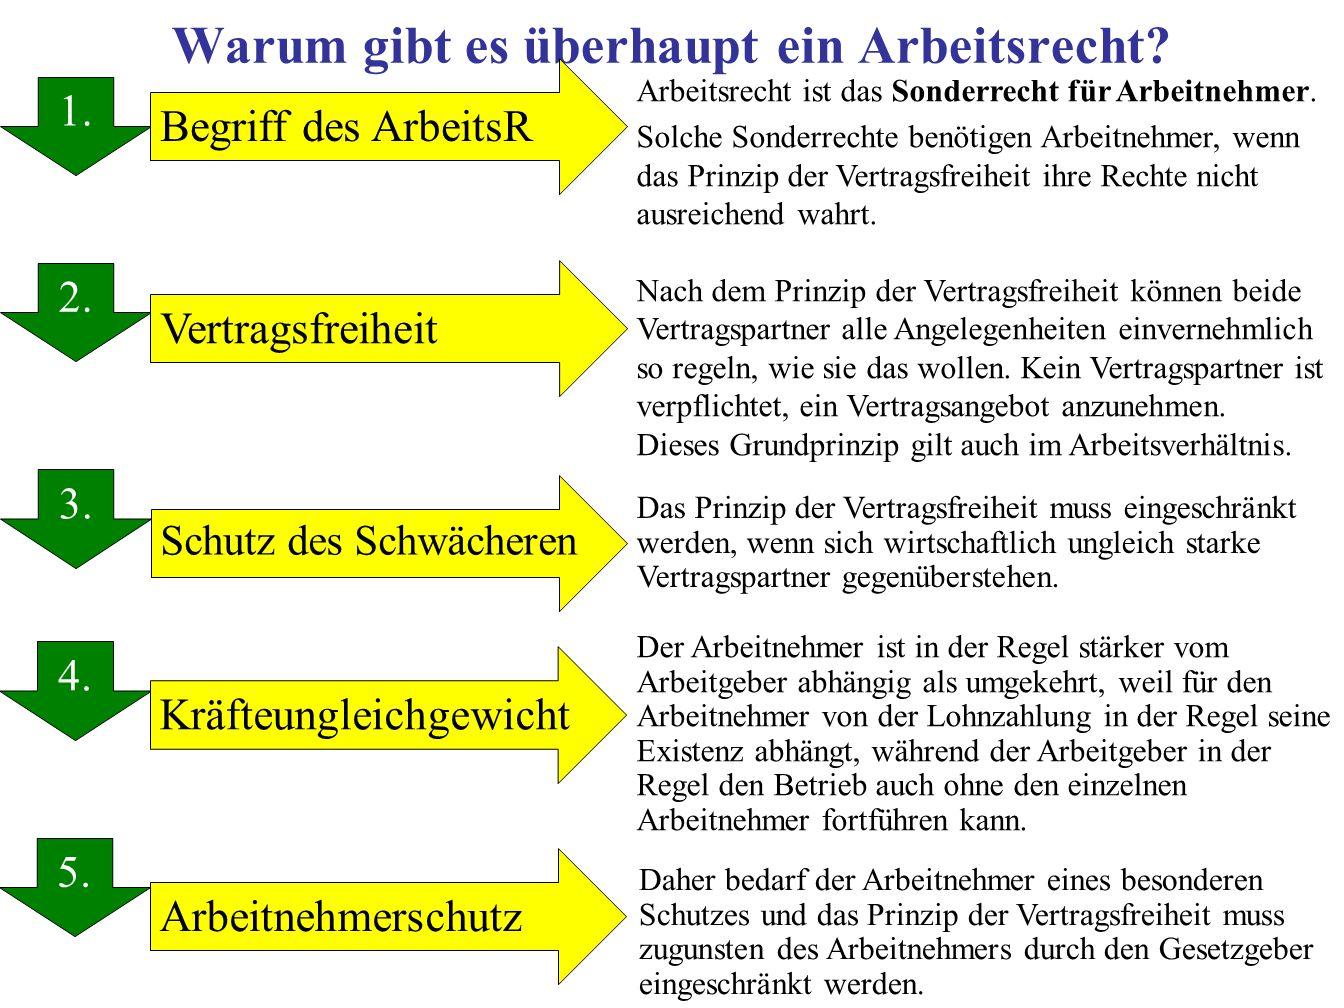 """173 in Deutschland durch § 9 Absatz 1 AGG: """"Ungeachtet des § 8 ist eine unterschied- liche Behandlung wegen der Religion oder der Weltanschauung bei der Be- schäftigung durch Religionsgemeinschaf- ten, die ihnen zugeordneten Einrichtungen ohne Rücksicht auf ihre Rechtsform oder durch Vereinigungen, die sich die gemein-schaftliche Pflege einer Religion oder Weltanschauung zur Aufgabe machen, auch zulässig, wenn eine bestimmte Religion oder Weltanschauung unter Beachtung des Selbstverständnisses der jeweiligen Religionsgemeinschaft oder Vereinigung im Hinblick auf ihr Selbstbestimmungsrecht oder nach der Art der Tätigkeit eine gerechtfertigte berufliche Anforderung darstellt. Vereinbarkeit von § 9 AGG mit dem Europarecht ??."""